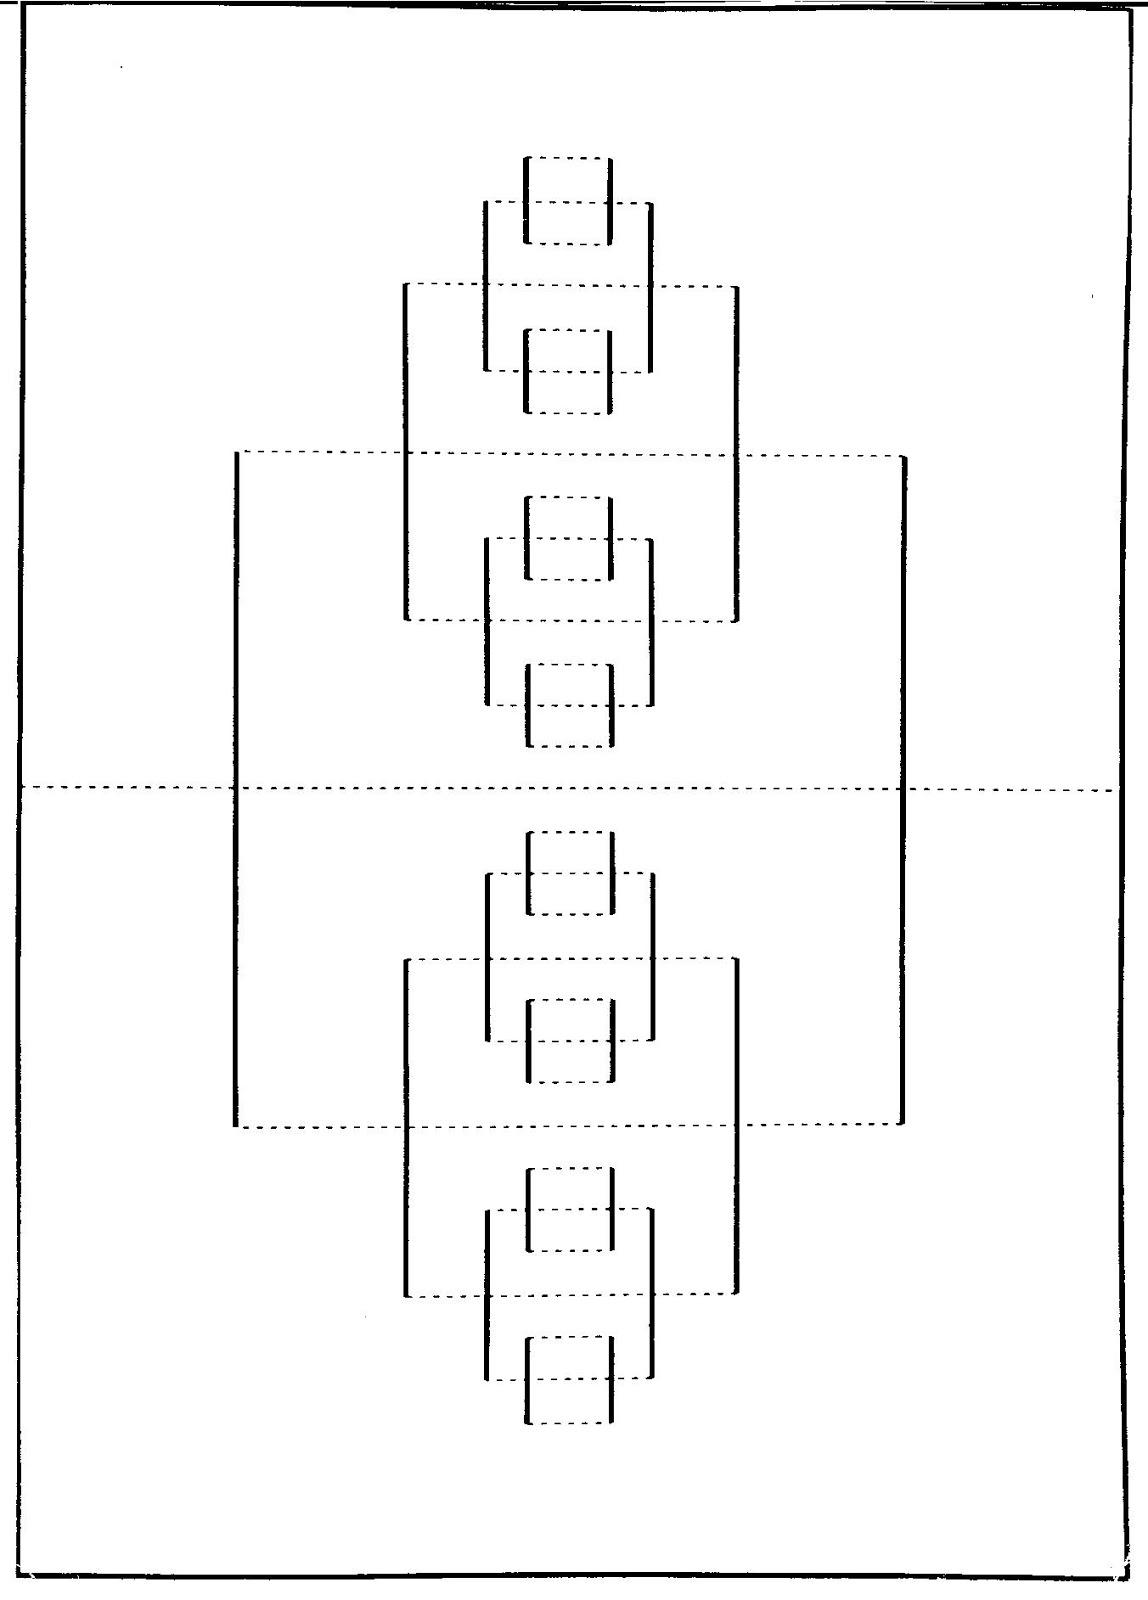 3º ESO CARANDE: PLANTILLAS KIRIGAMI